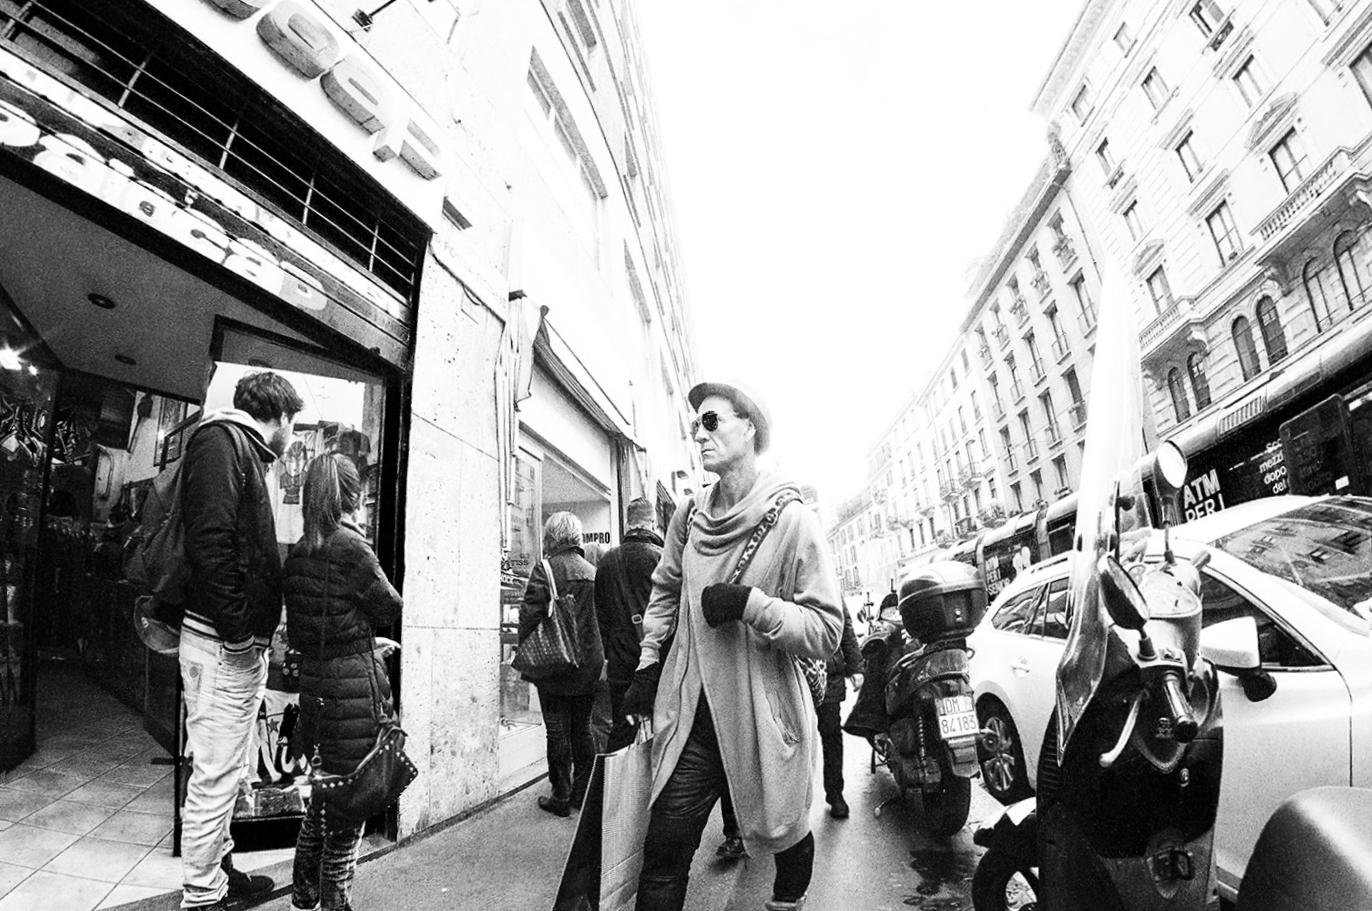 MILUNA-Ewa-Milun-Walczak-Mediolan-ludzie-ulica-przechodzni-mediolanczycy-Przechodnie-13